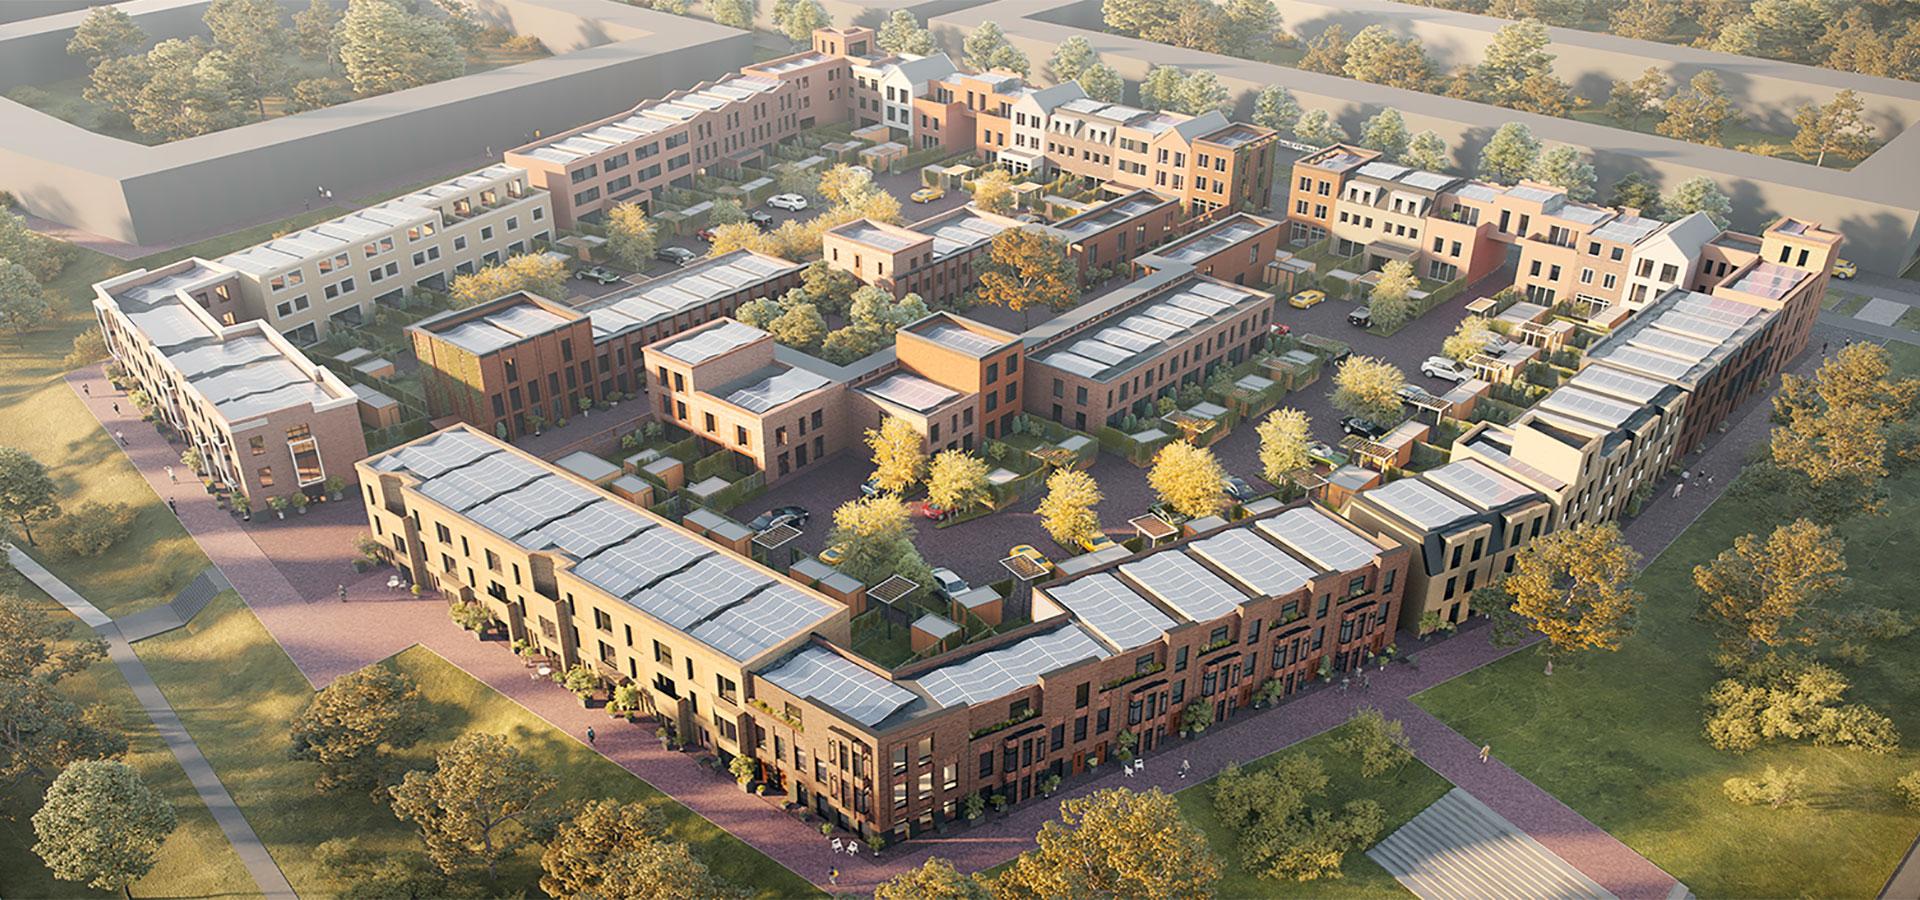 FARO architecten Leeuweplaats Utrecht 02